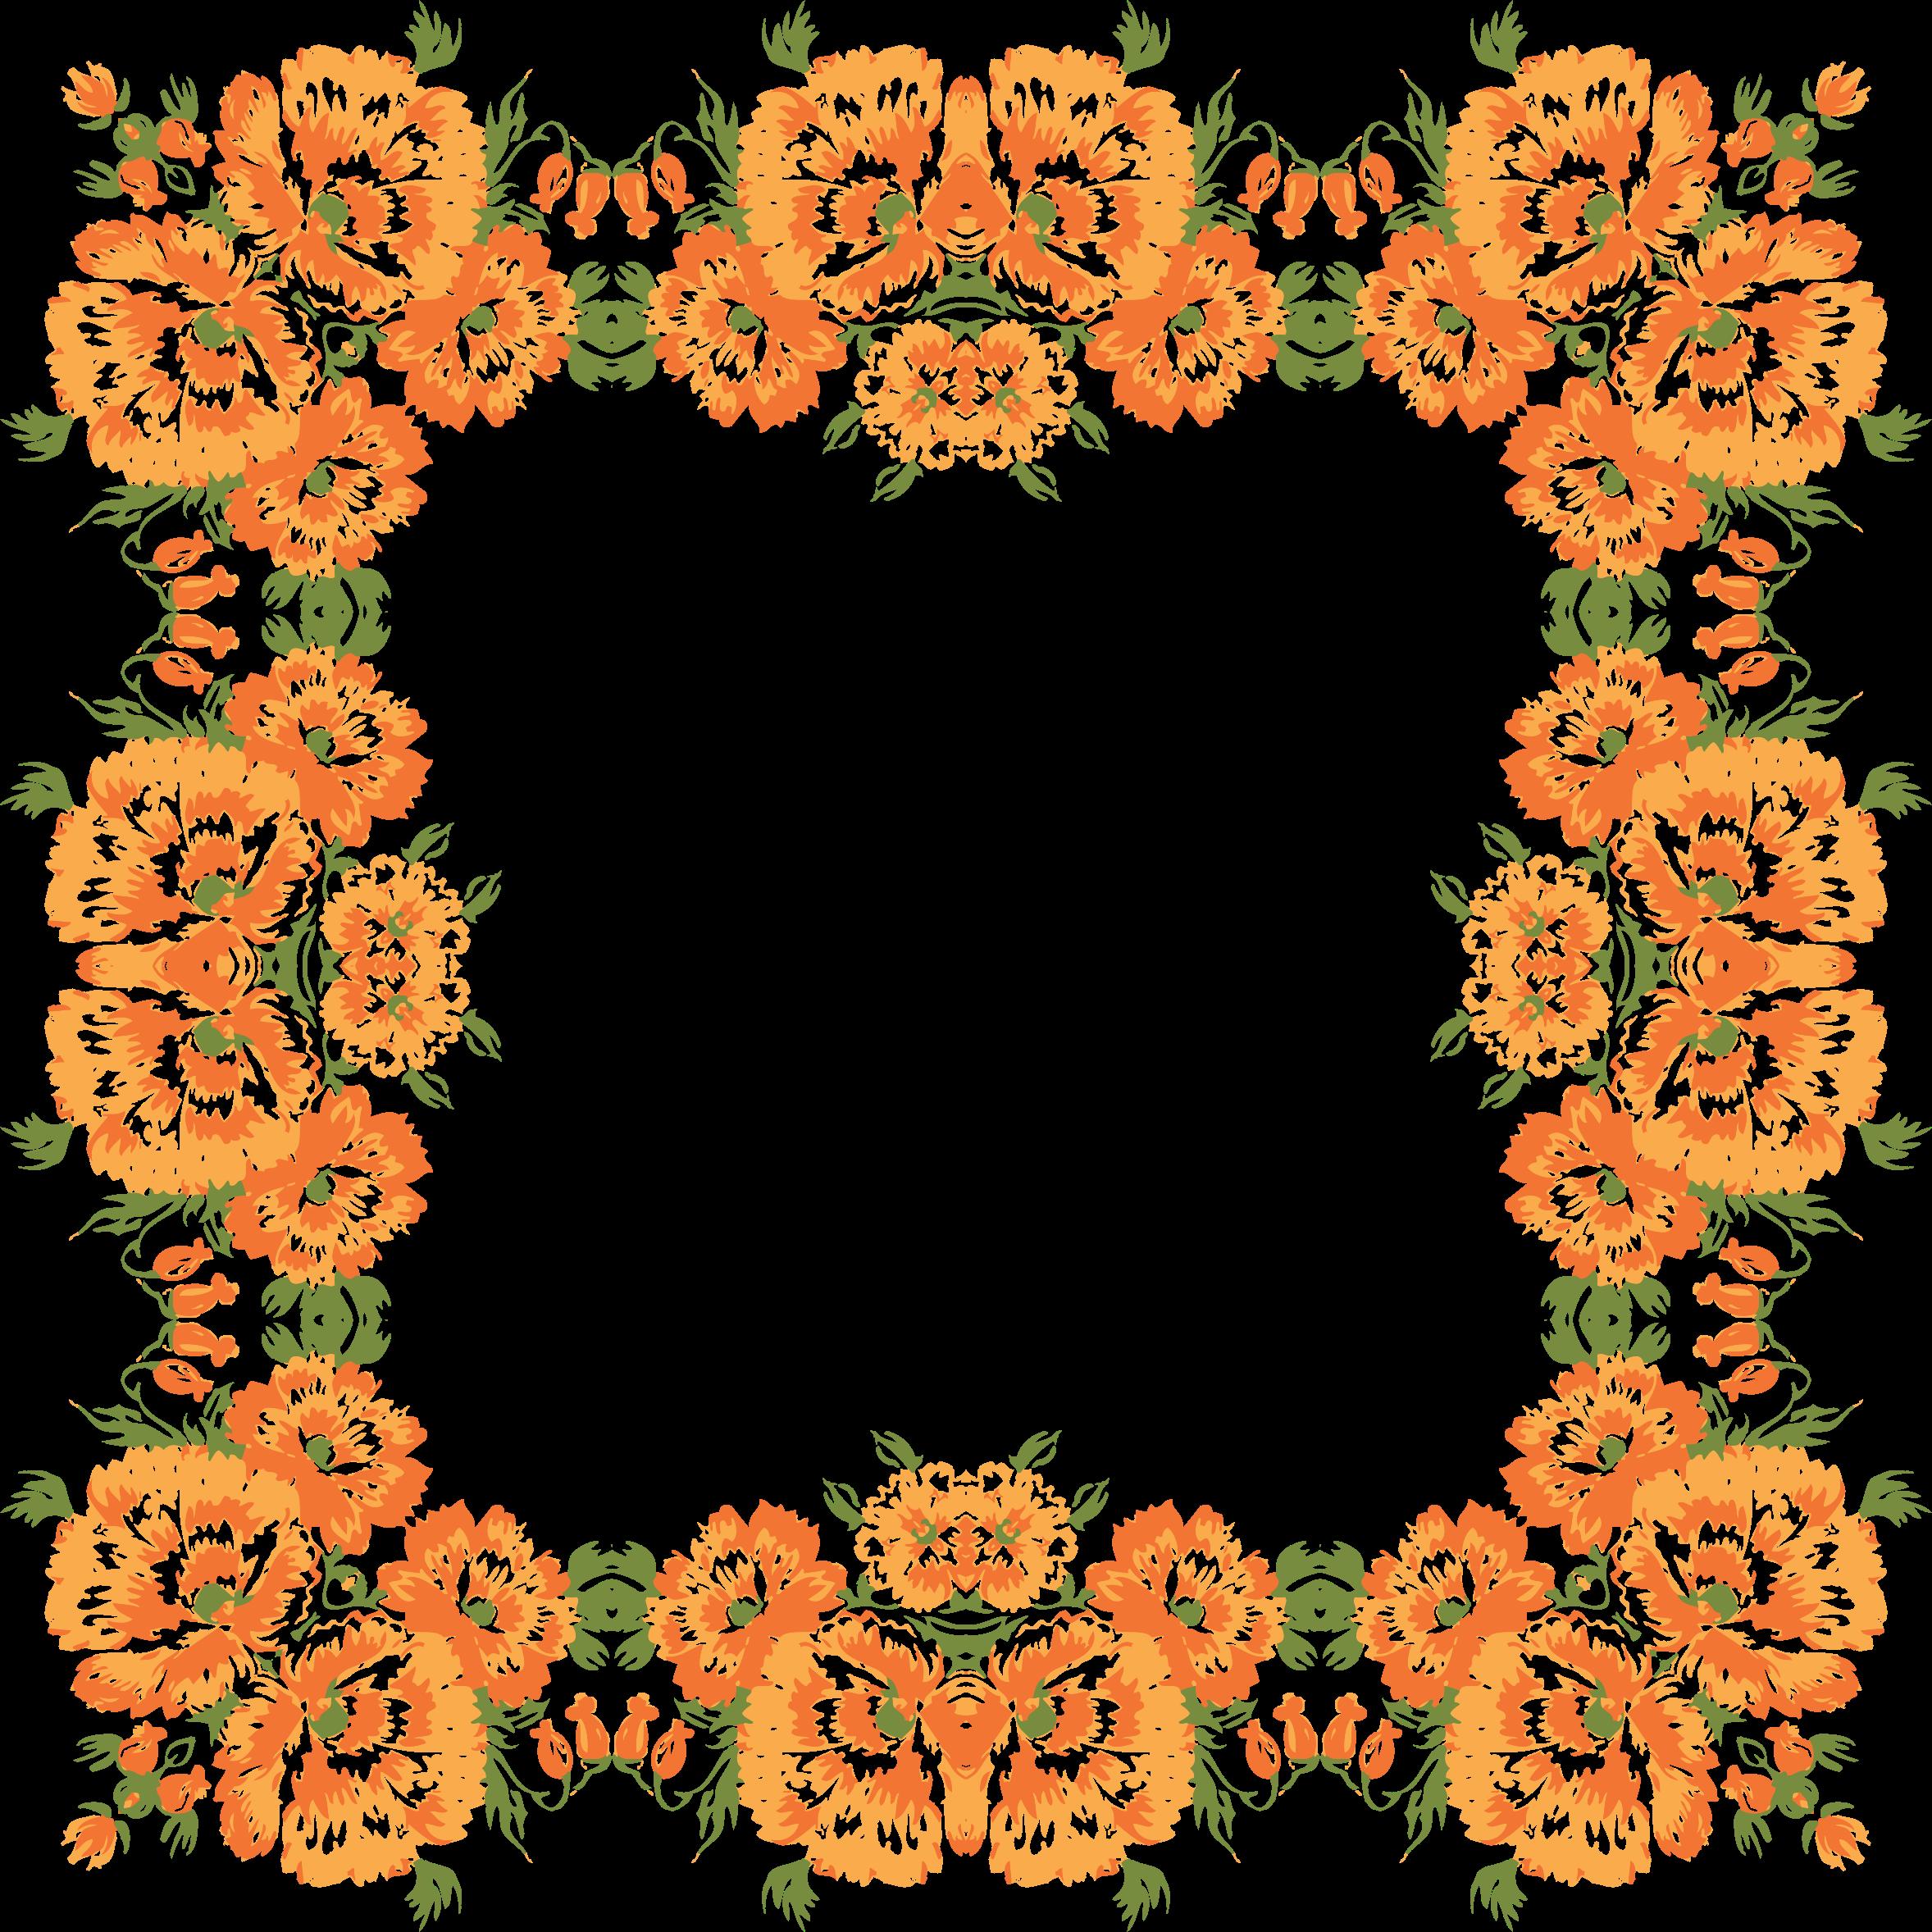 Clipart rose wreath. Floral frame big image